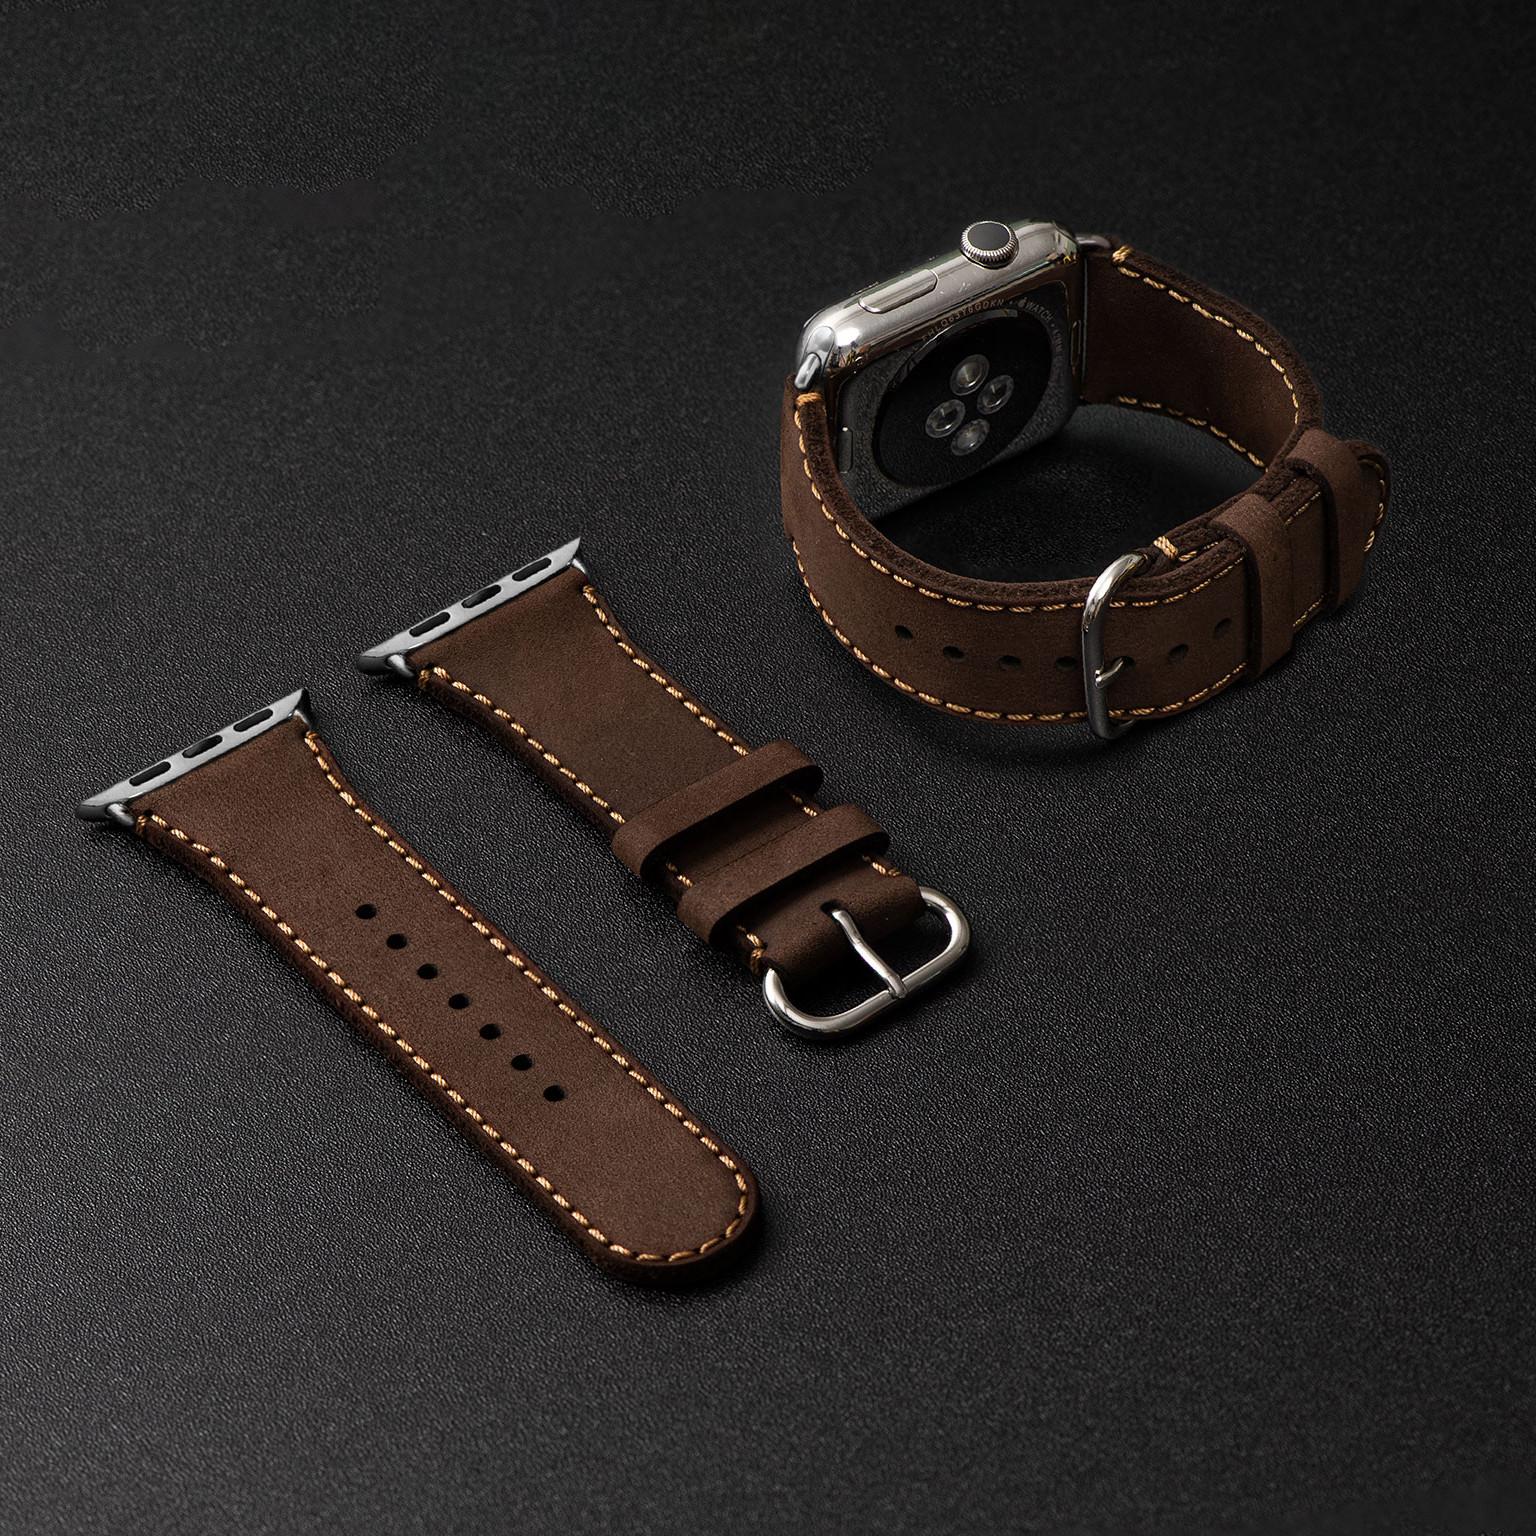 Dây da đồng hồ SEN Apple Watch size 38/40 - CHÍNH HÃNG KHACTEN.COM - NÂU SÁP - 191 - ADAPTER BẠC